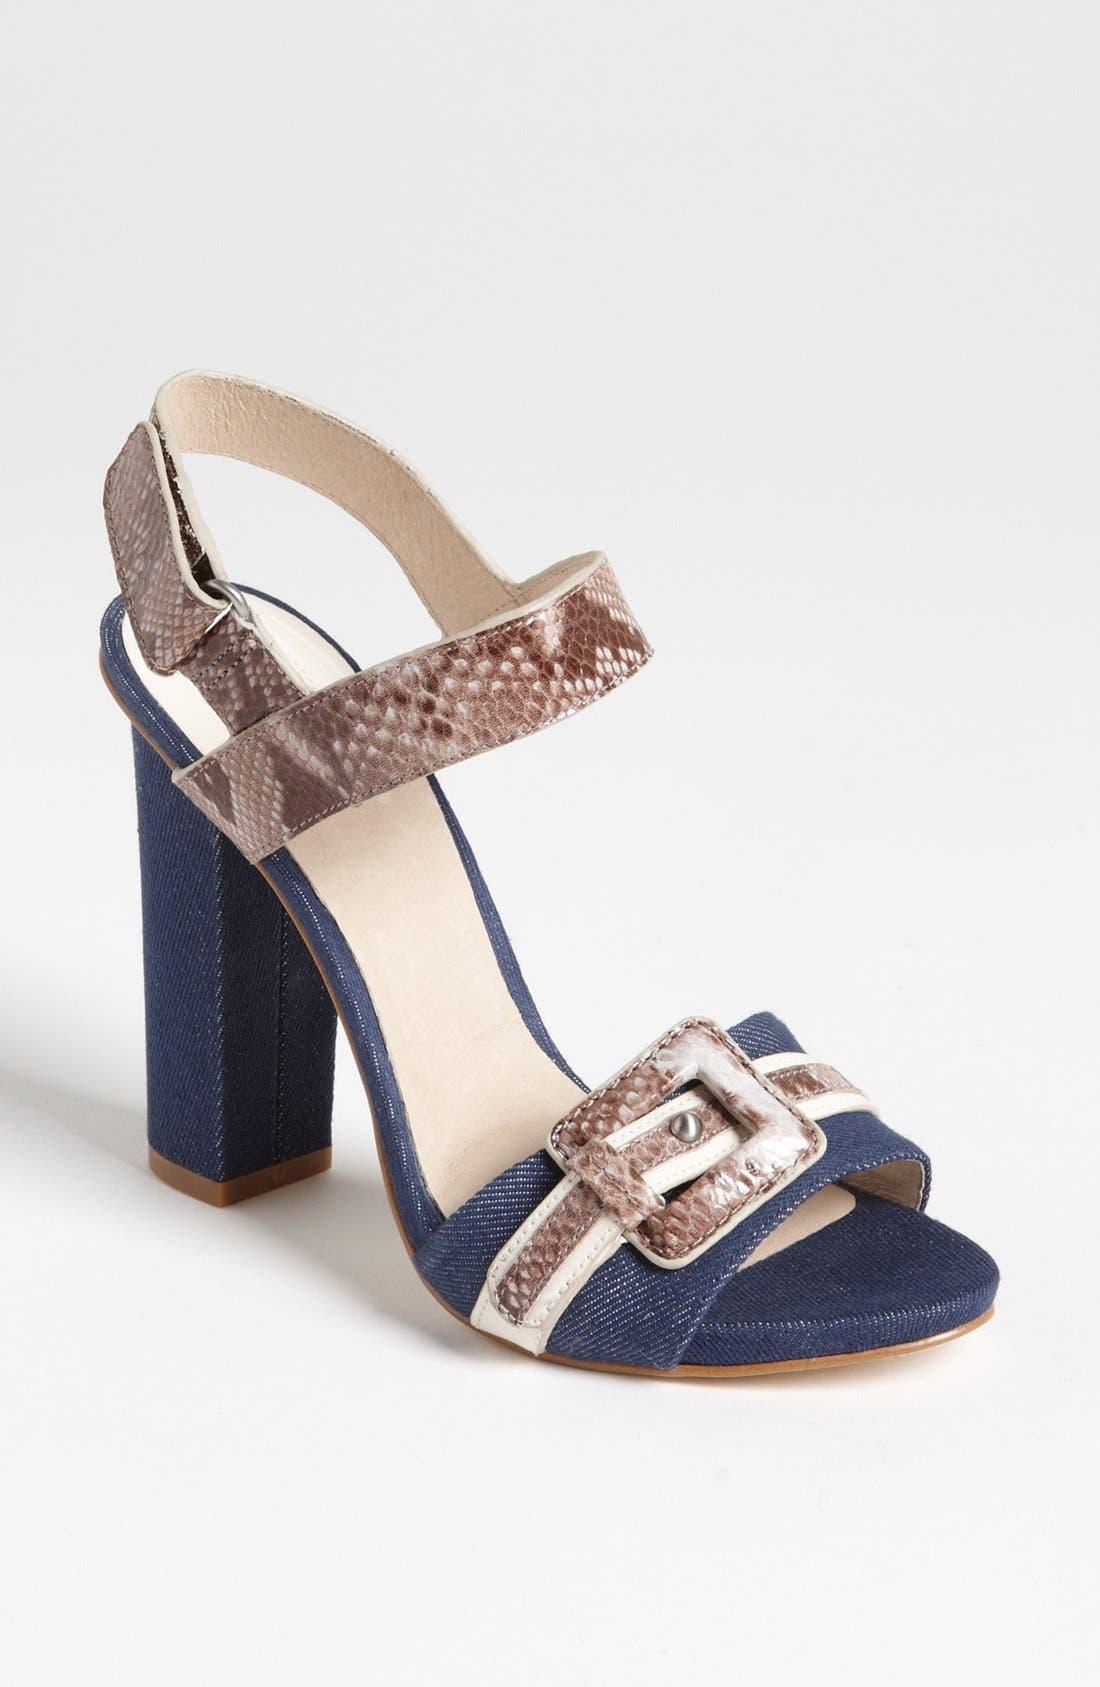 Main Image - Joan & David 'Pulis' Sandal